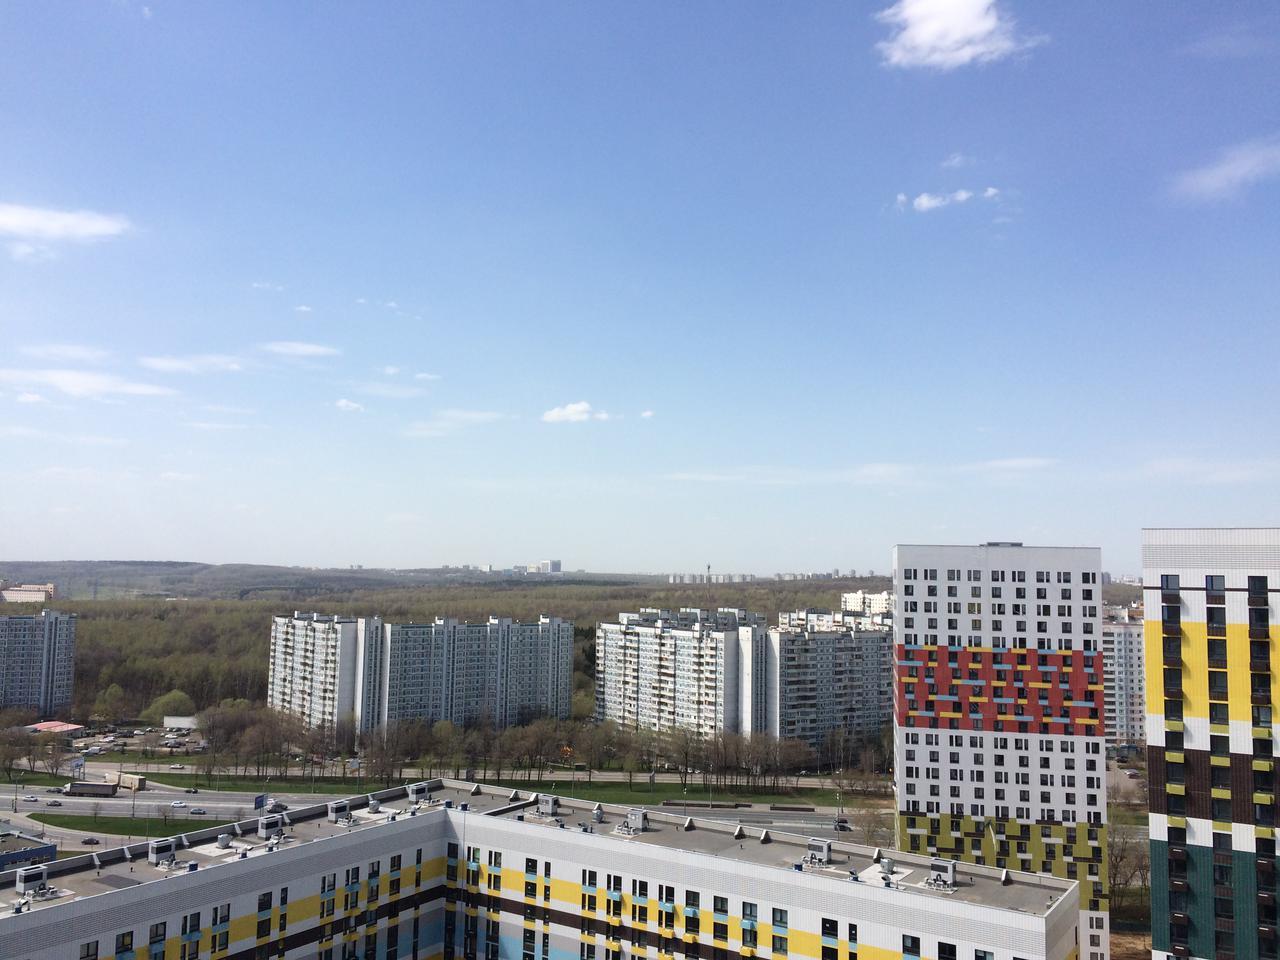 Фотографии ЖК Варшавское шоссе 141, май 2017